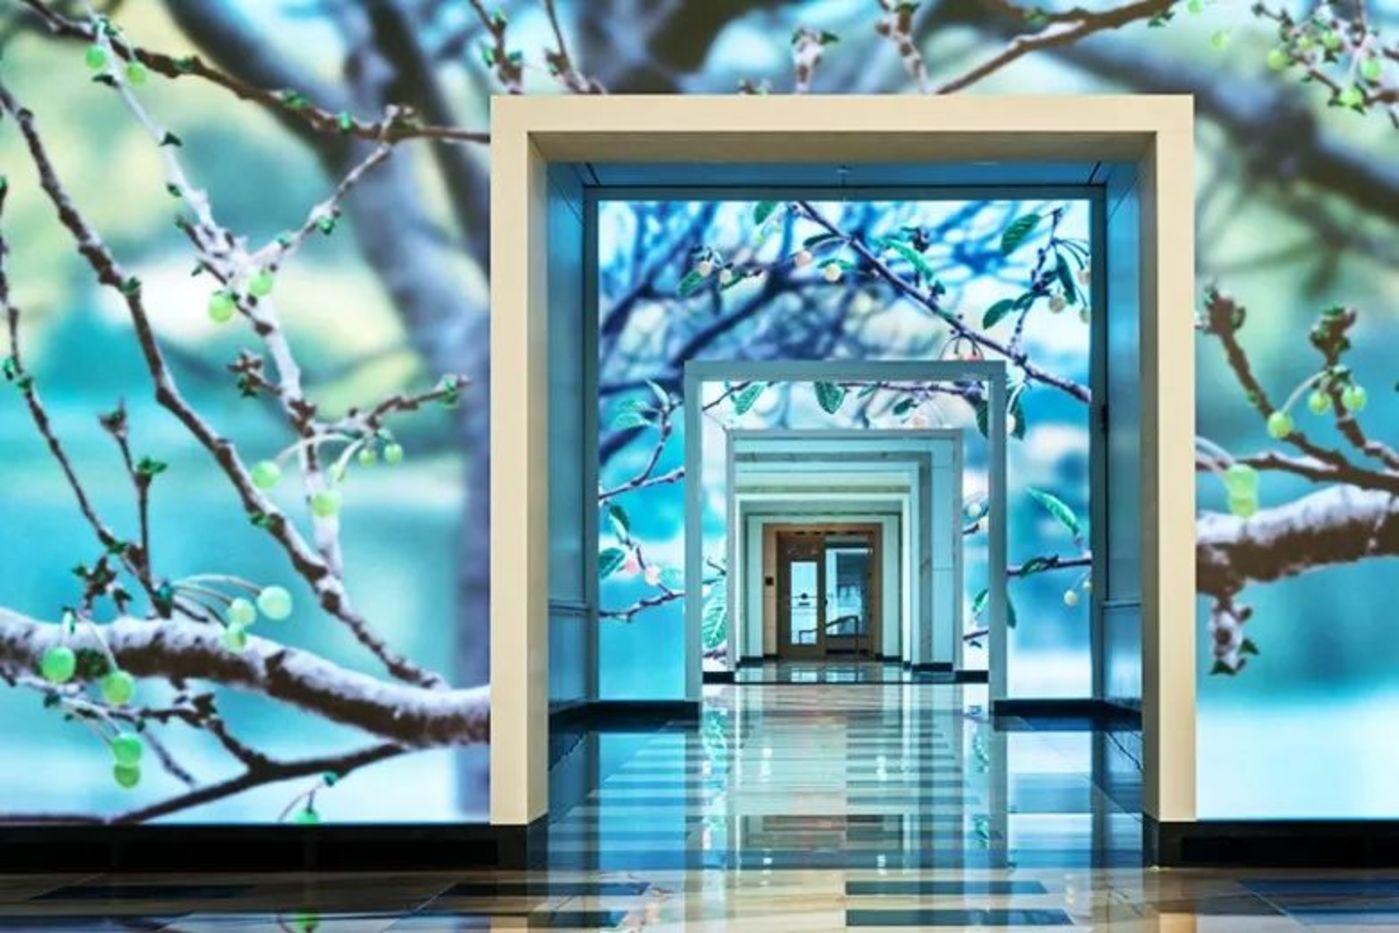 互动屏幕《季节》,春天,当人们从屏幕面前走过,樱桃树便开始开花。